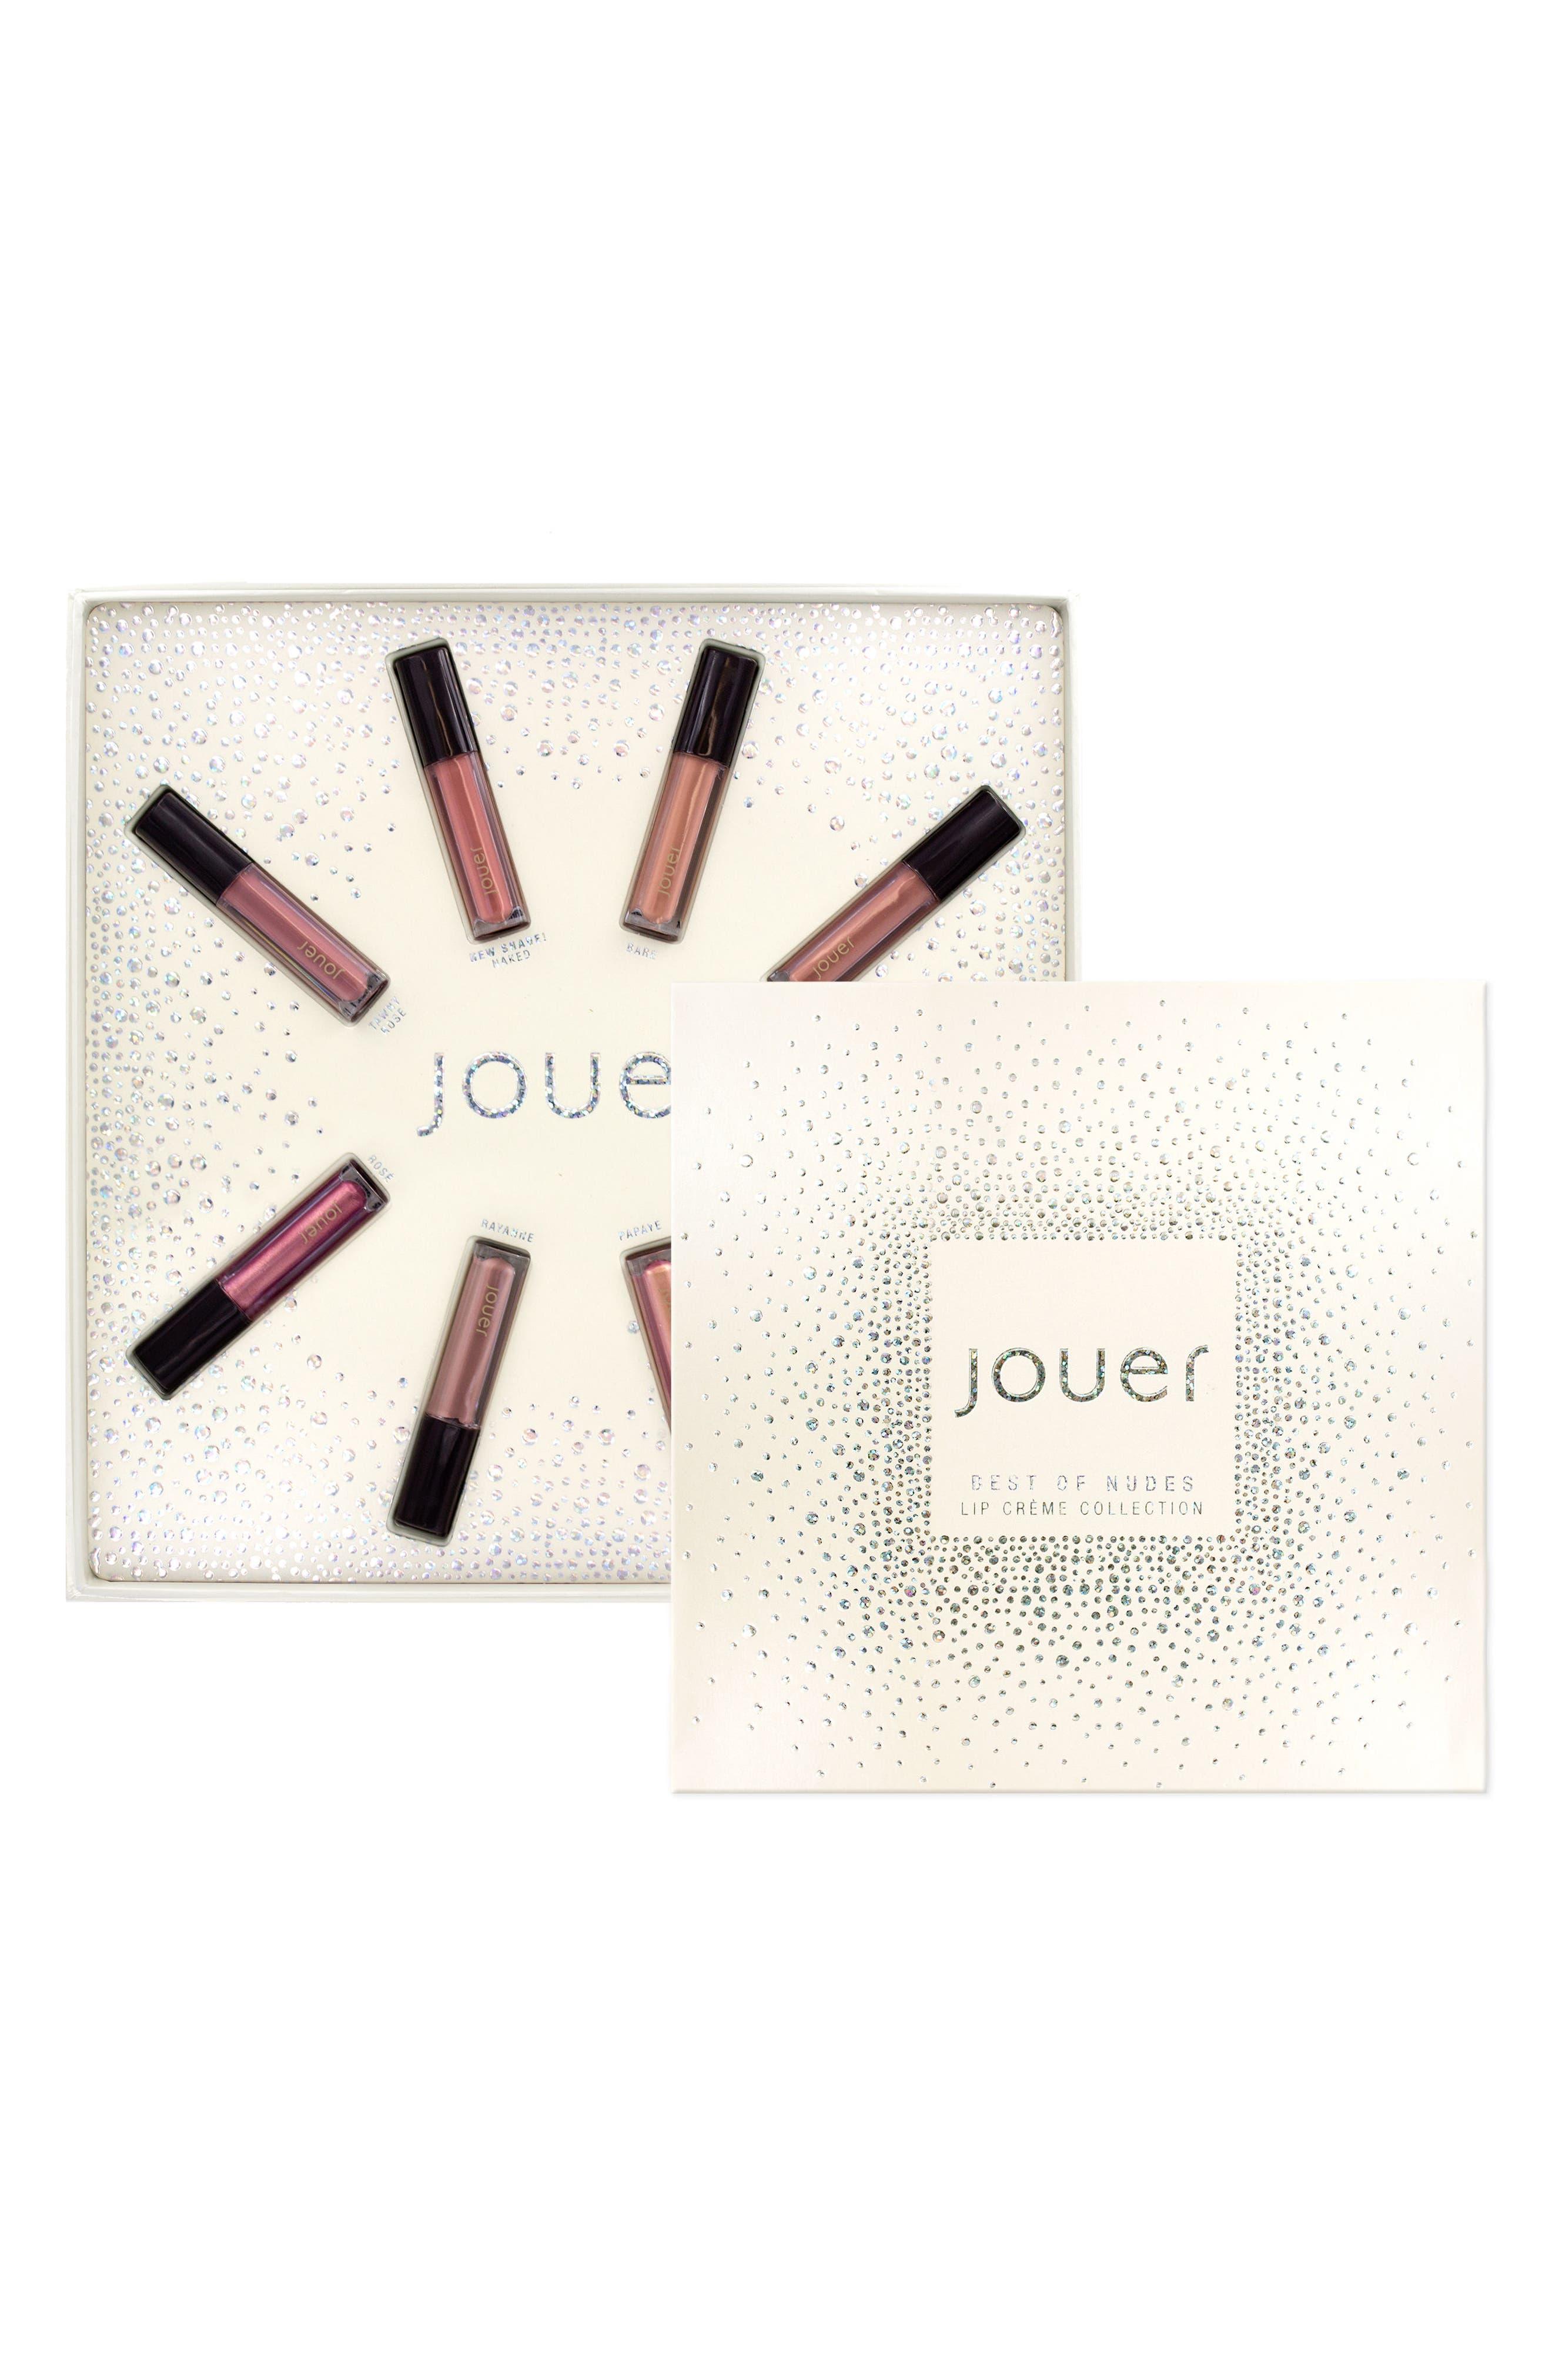 Best of Nudes Mini Long-Wear Lip Crème Liquid Lipstick Collection,                         Main,                         color, No Color